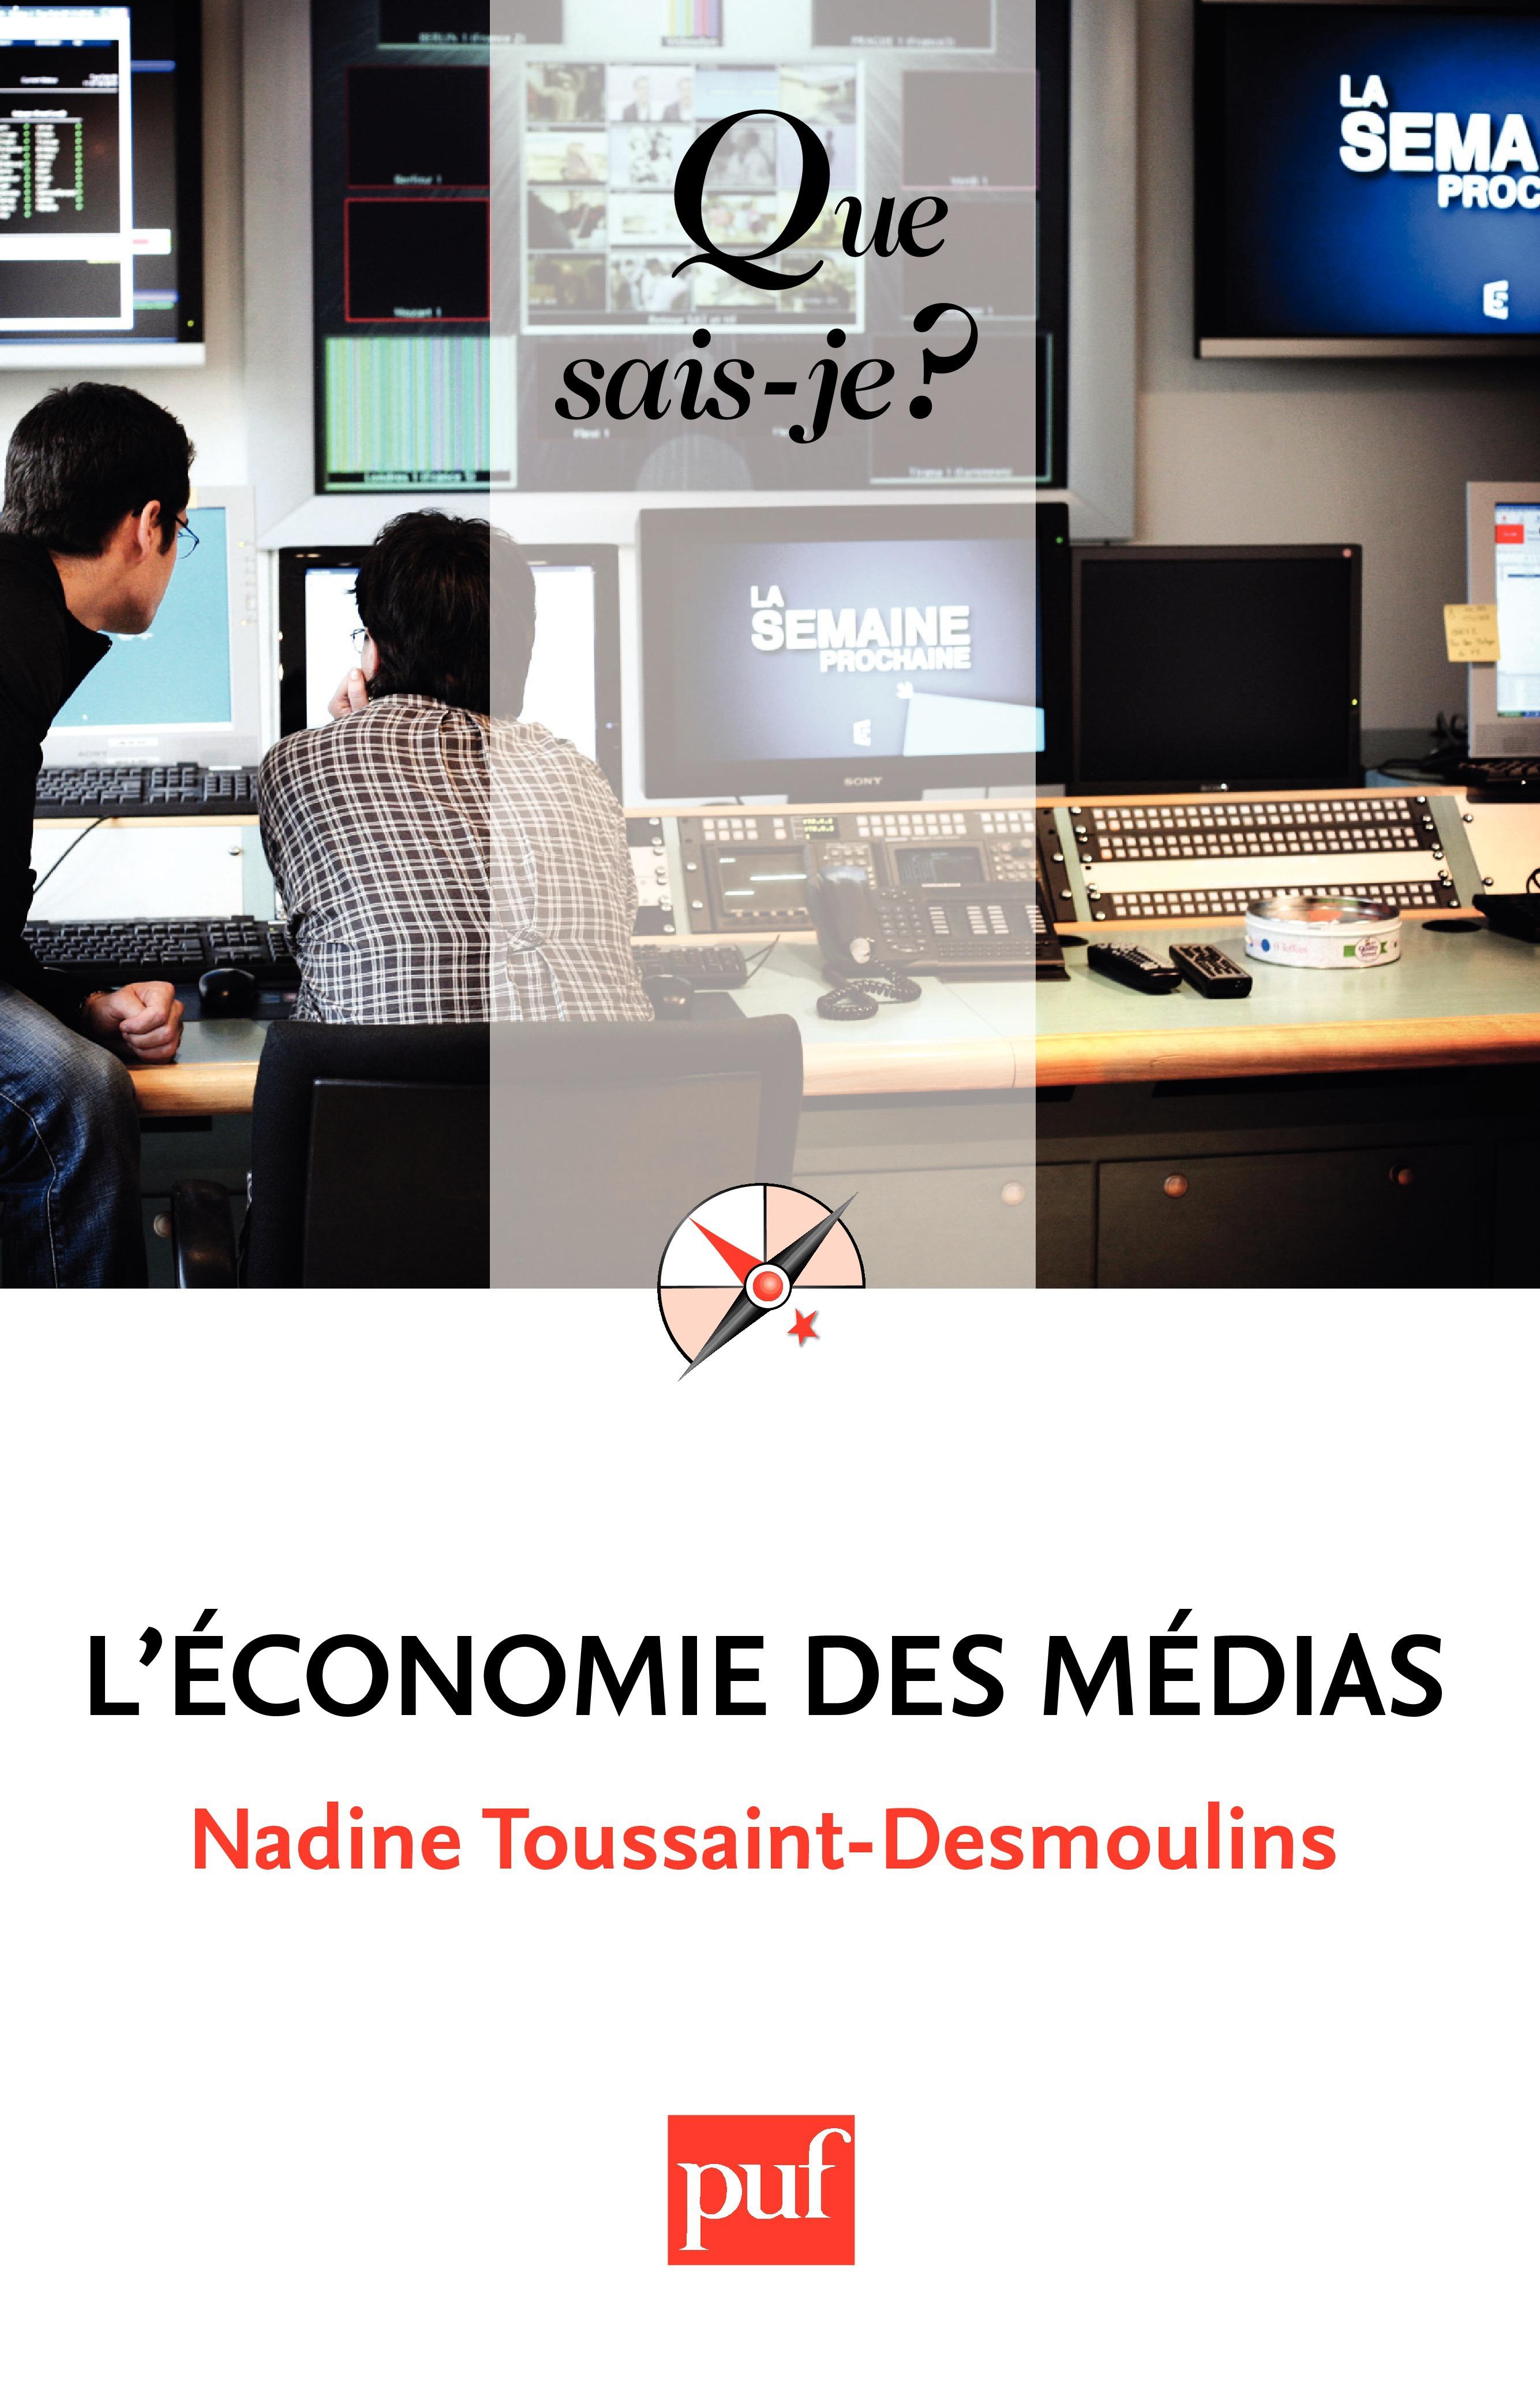 Nadine Toussaint-Desmoulins L'économie des médias